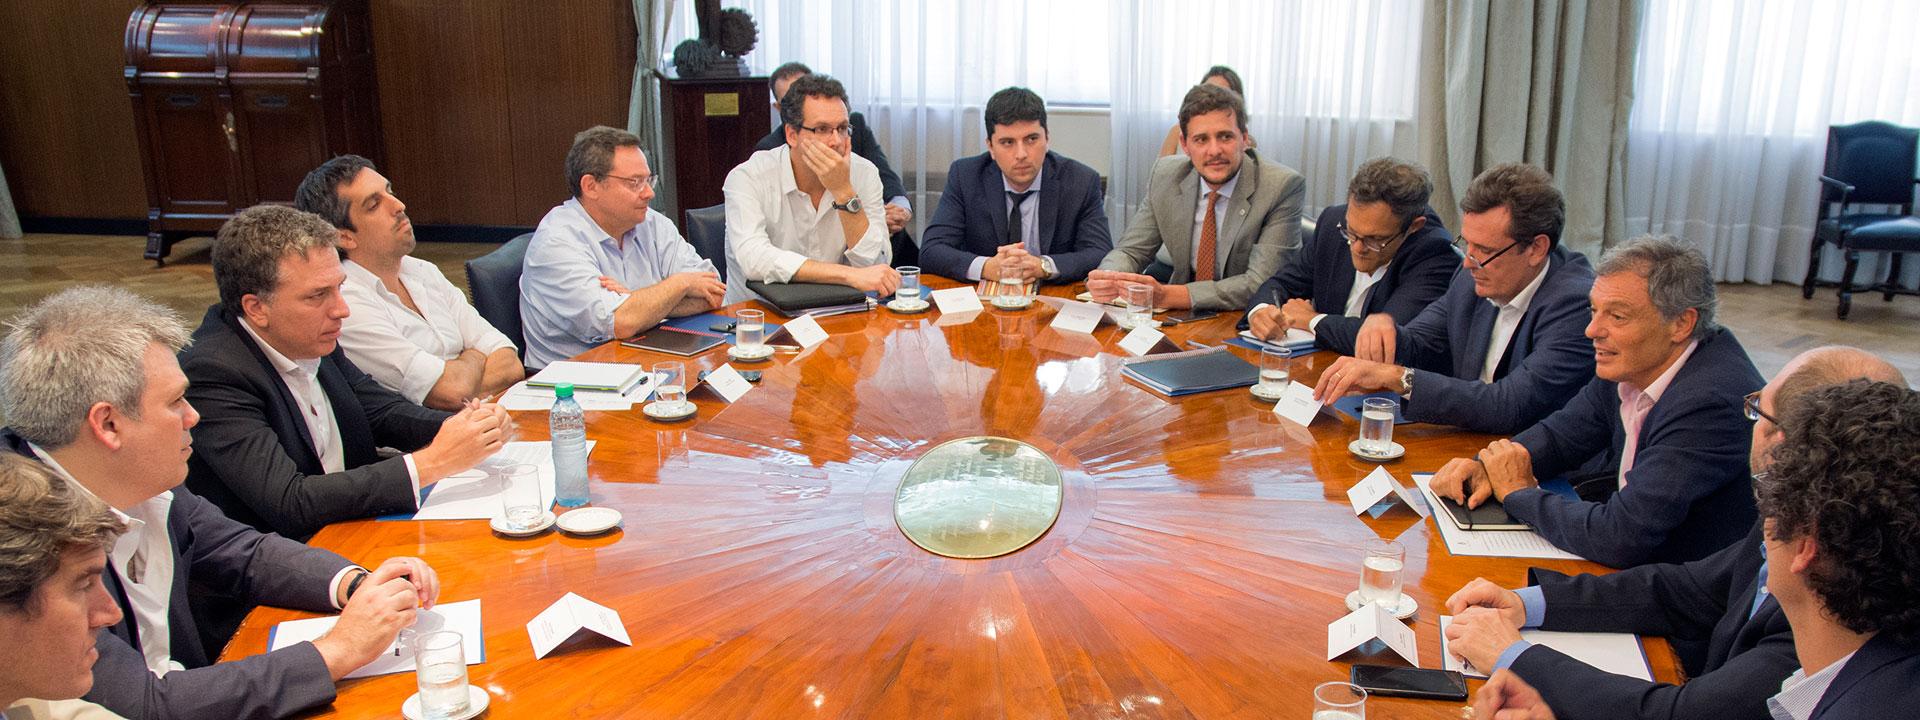 Reunión de Trabajo entre el equipo de Hacienda y el de Producción, en busca de racionalizar el gasto, en particular en personal